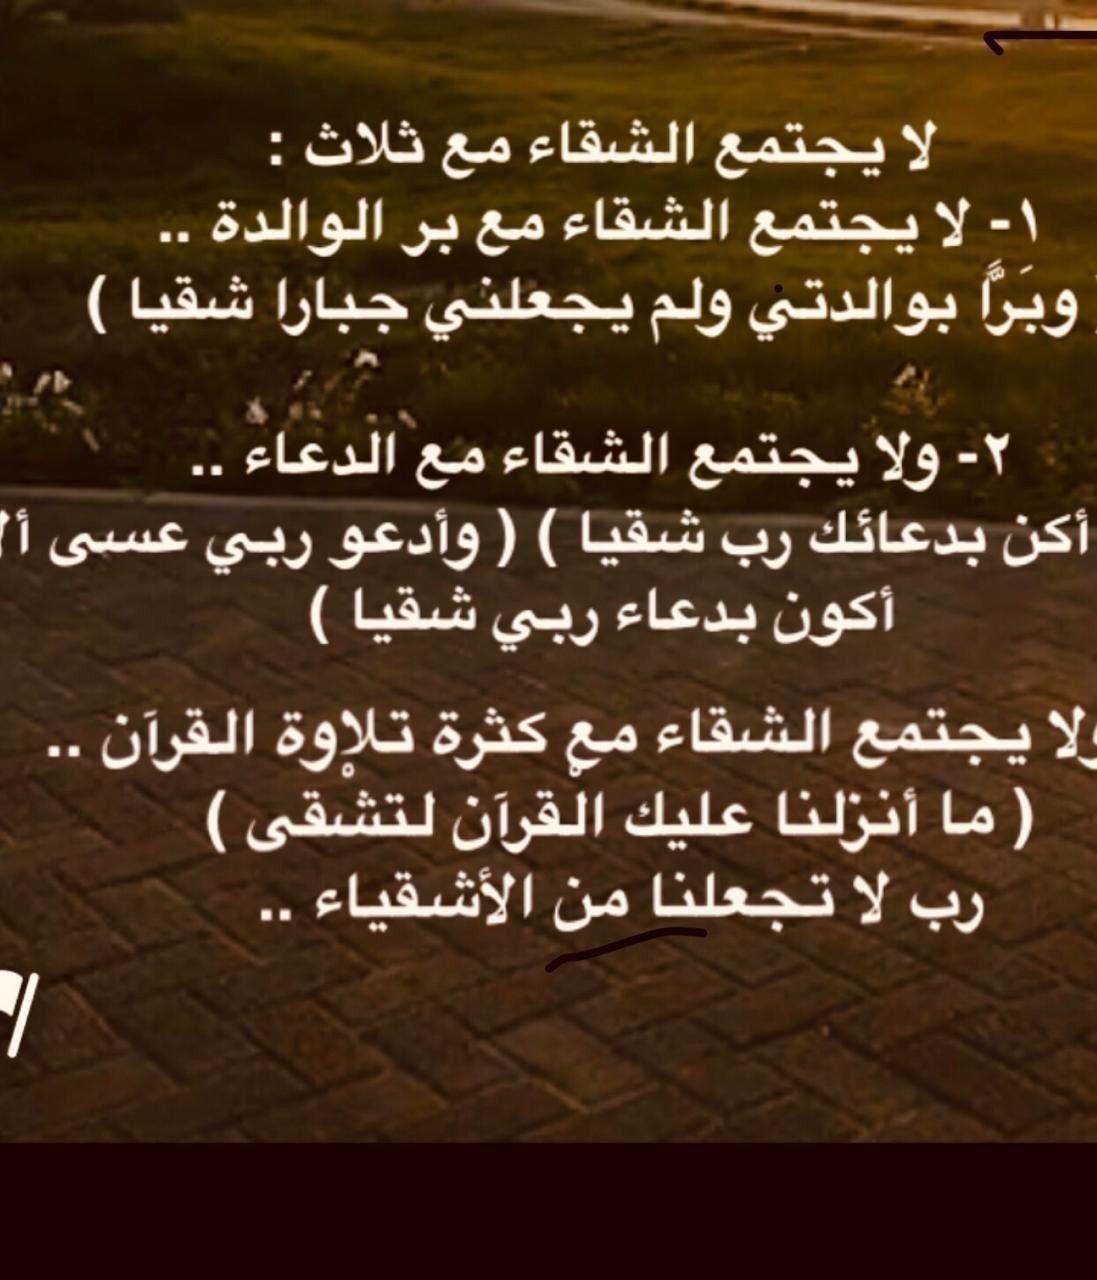 ابعد الله عني وعن كل من يقرأ كل شقاء A N S تدبر آية Arabic Calligraphy Calligraphy